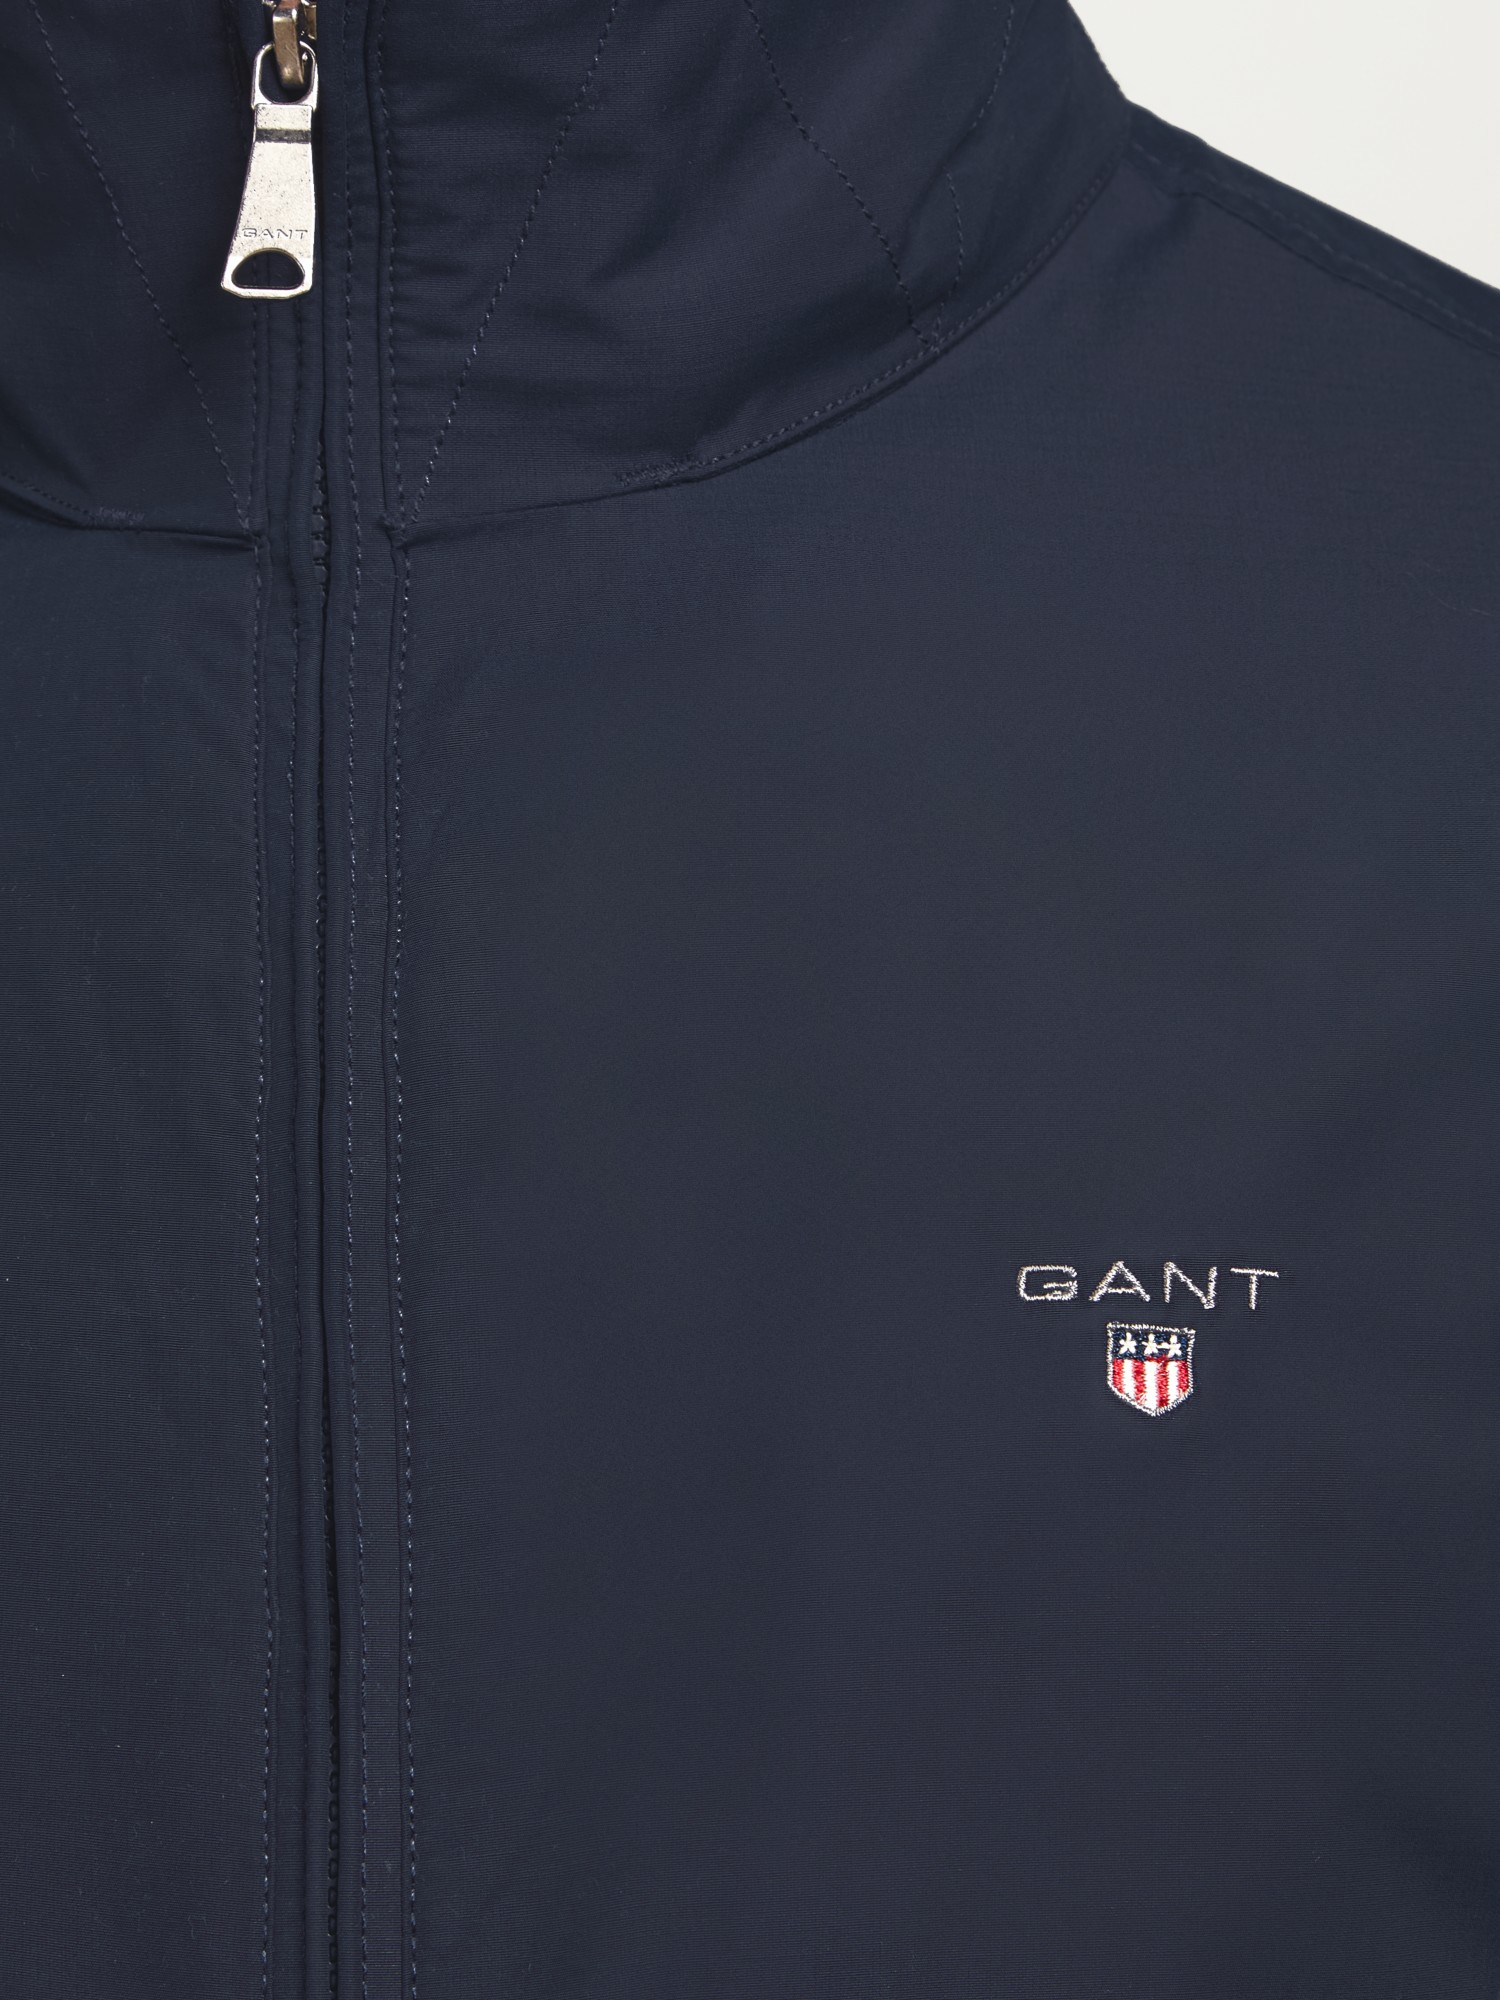 GANT Fleece Mid Length Jacket in Navy (Blue) for Men